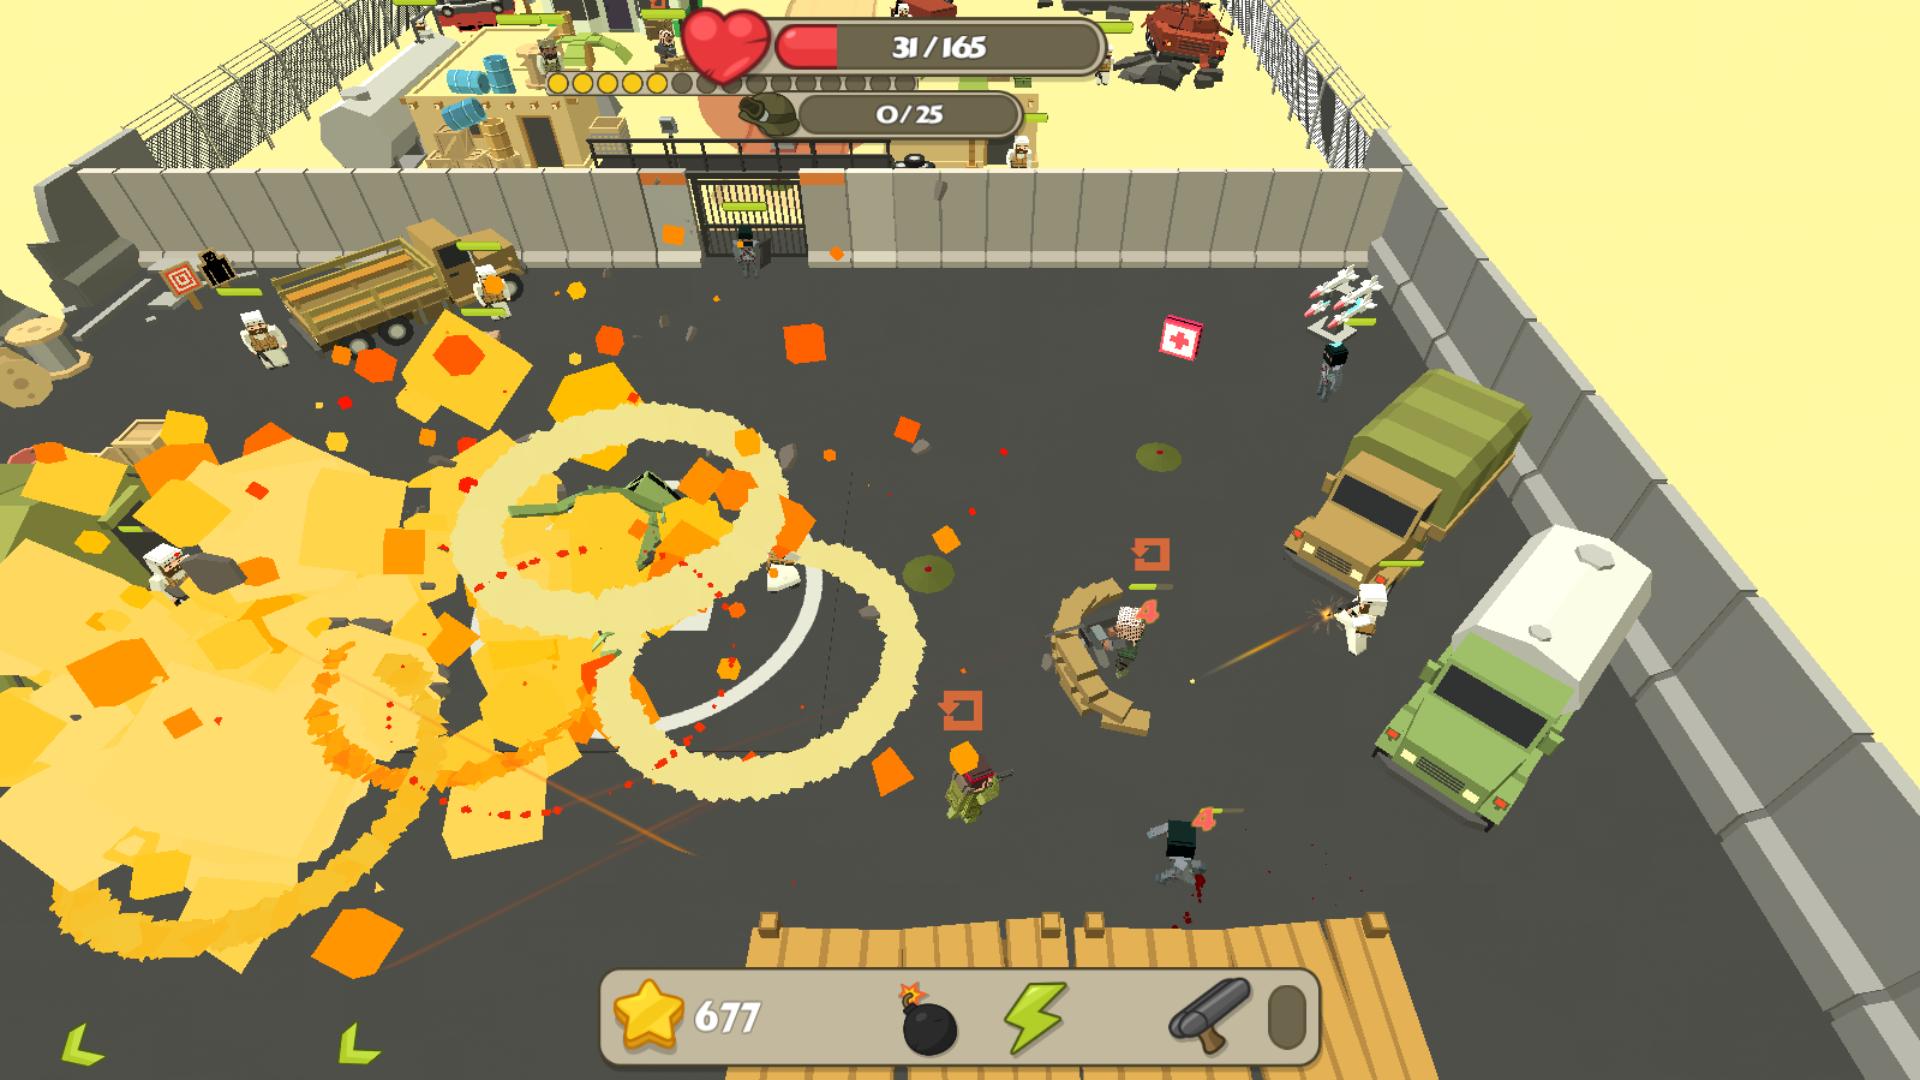 Backstorm Attack - Endless RPG War Runner screenshot 13